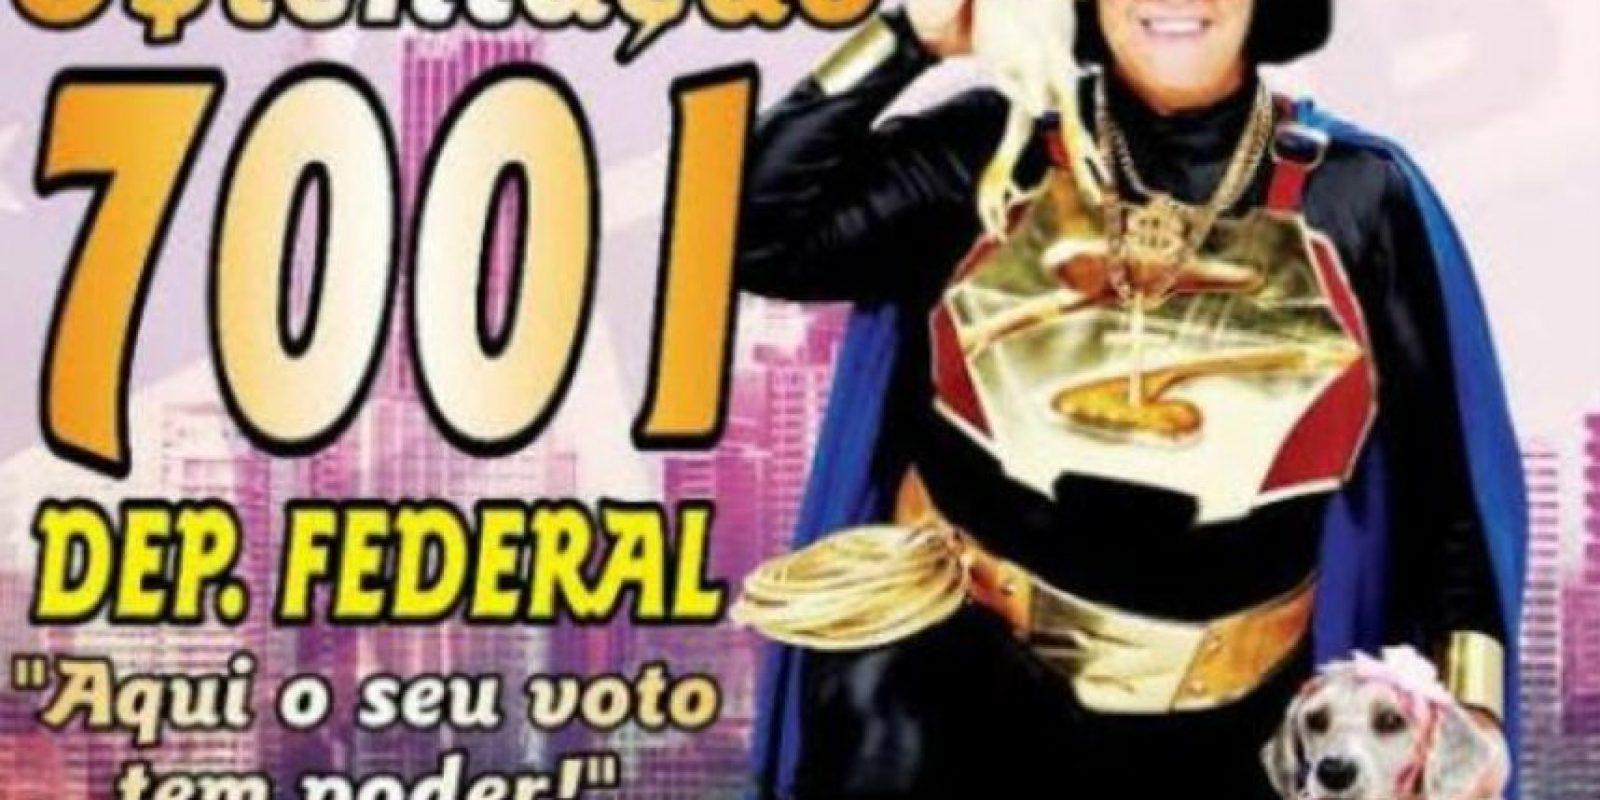 Superhéroe triste. Foto:vía Naosalvo.com.br